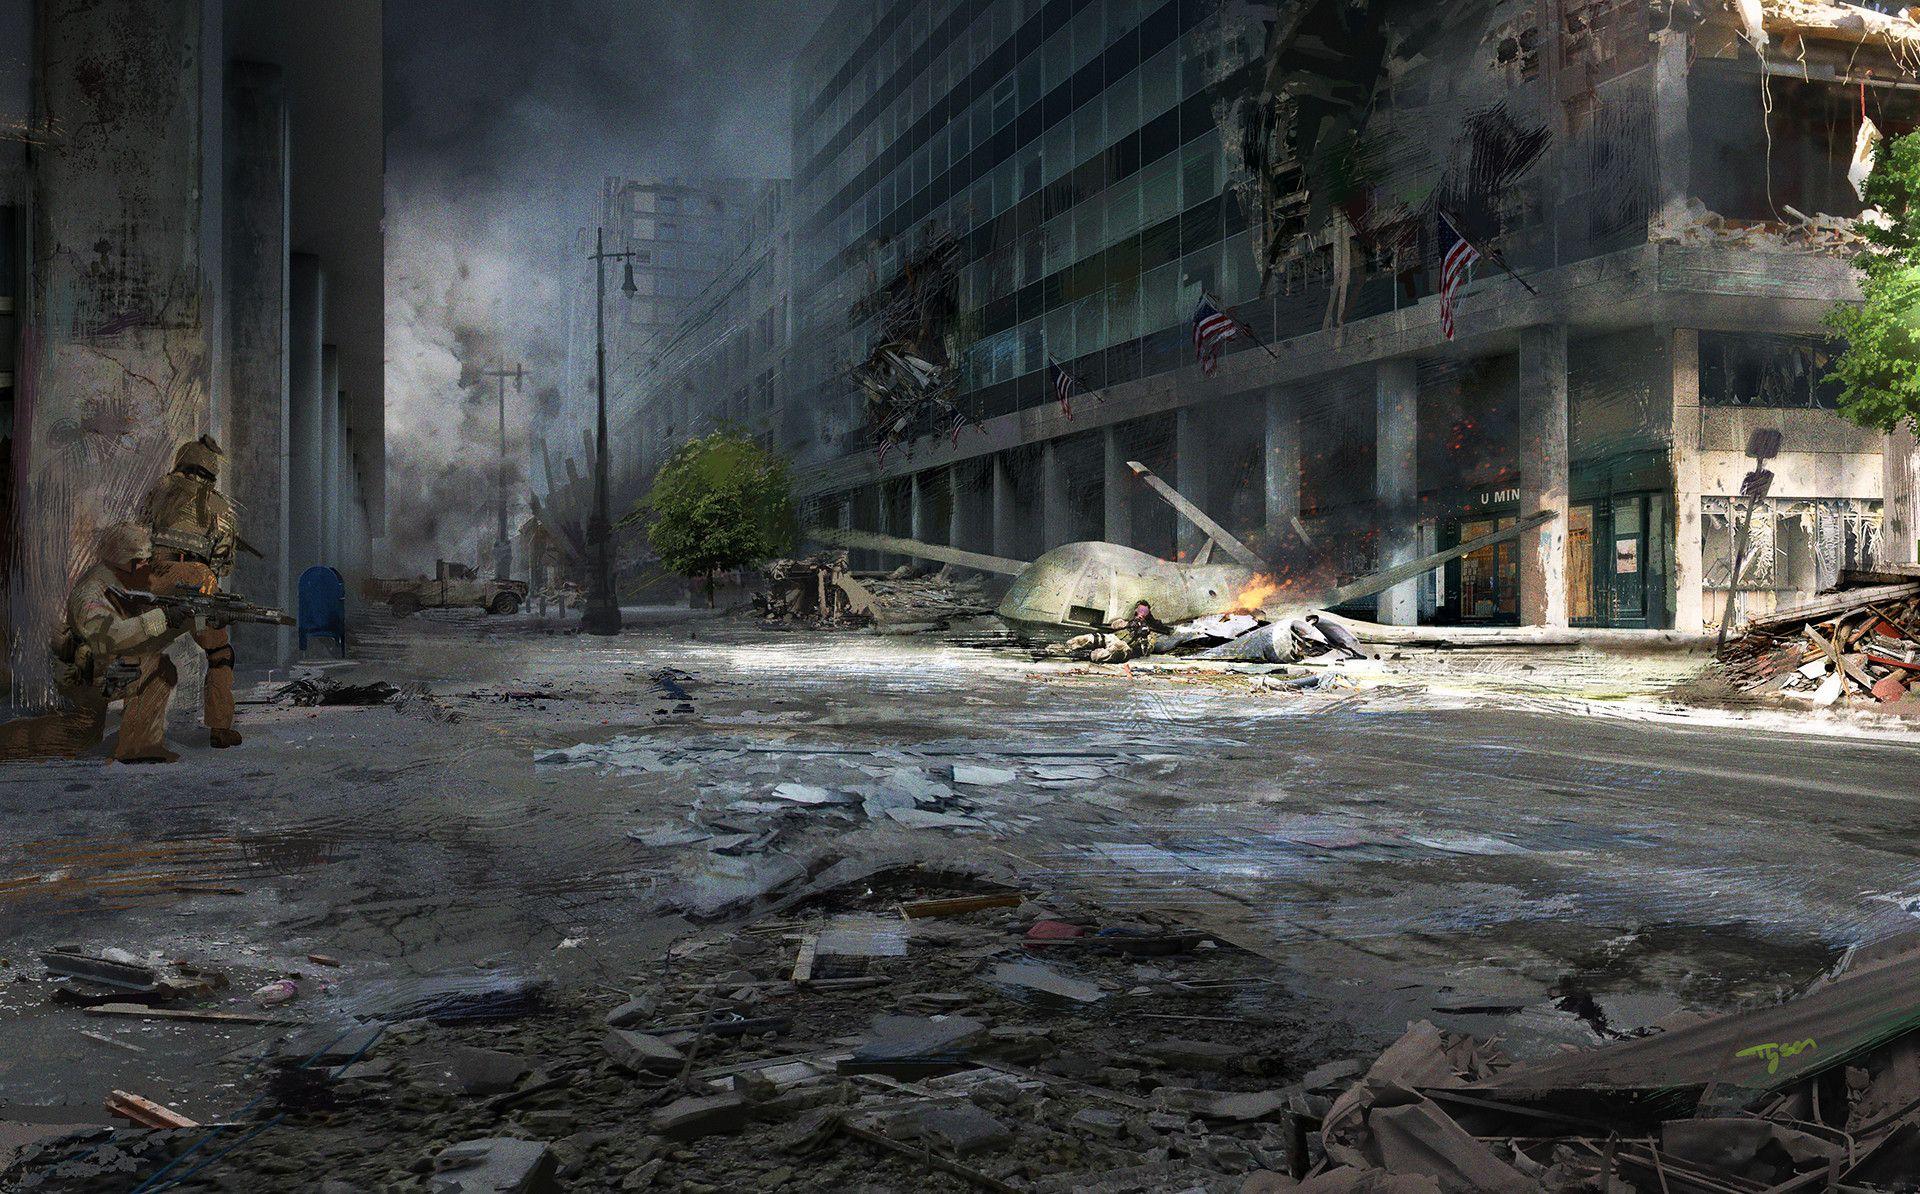 гаражом имеет картинки города зомби апокалипсис для находили тут только